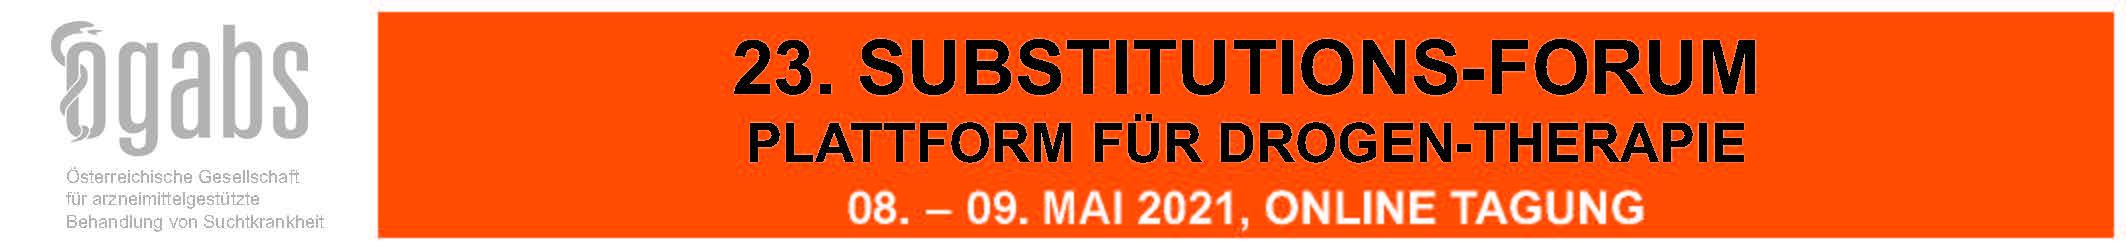 23. Substitutions-Forum – Plattform für Drogentherapie (Online Tagung)